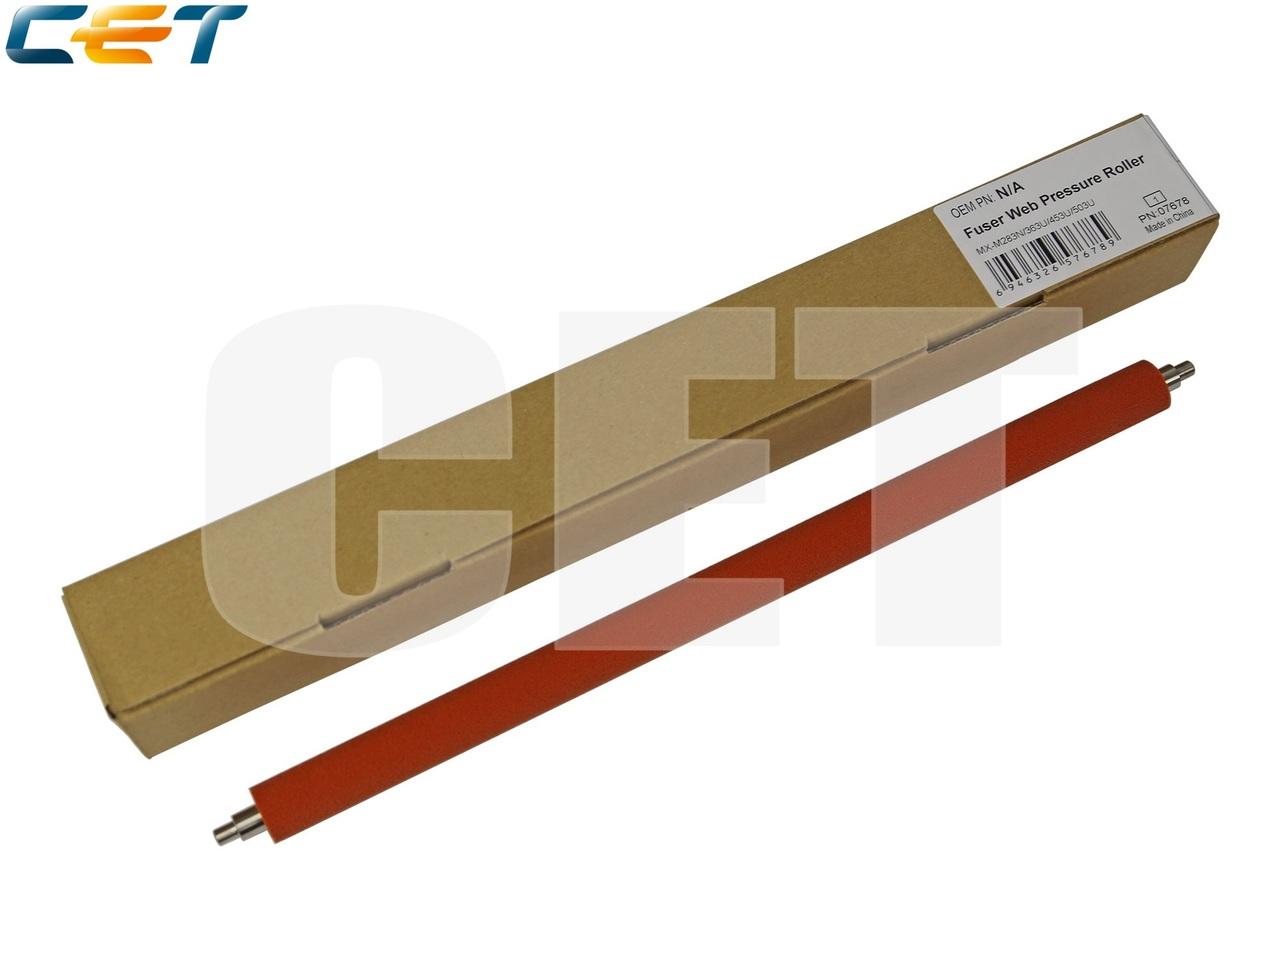 Прижимной вал ленты очистки фьюзера NROLR1932FCZZ,NROLR1836FCZZ для SHARP MX-M283N/M363U/M453U/M503U(CET), CET7678